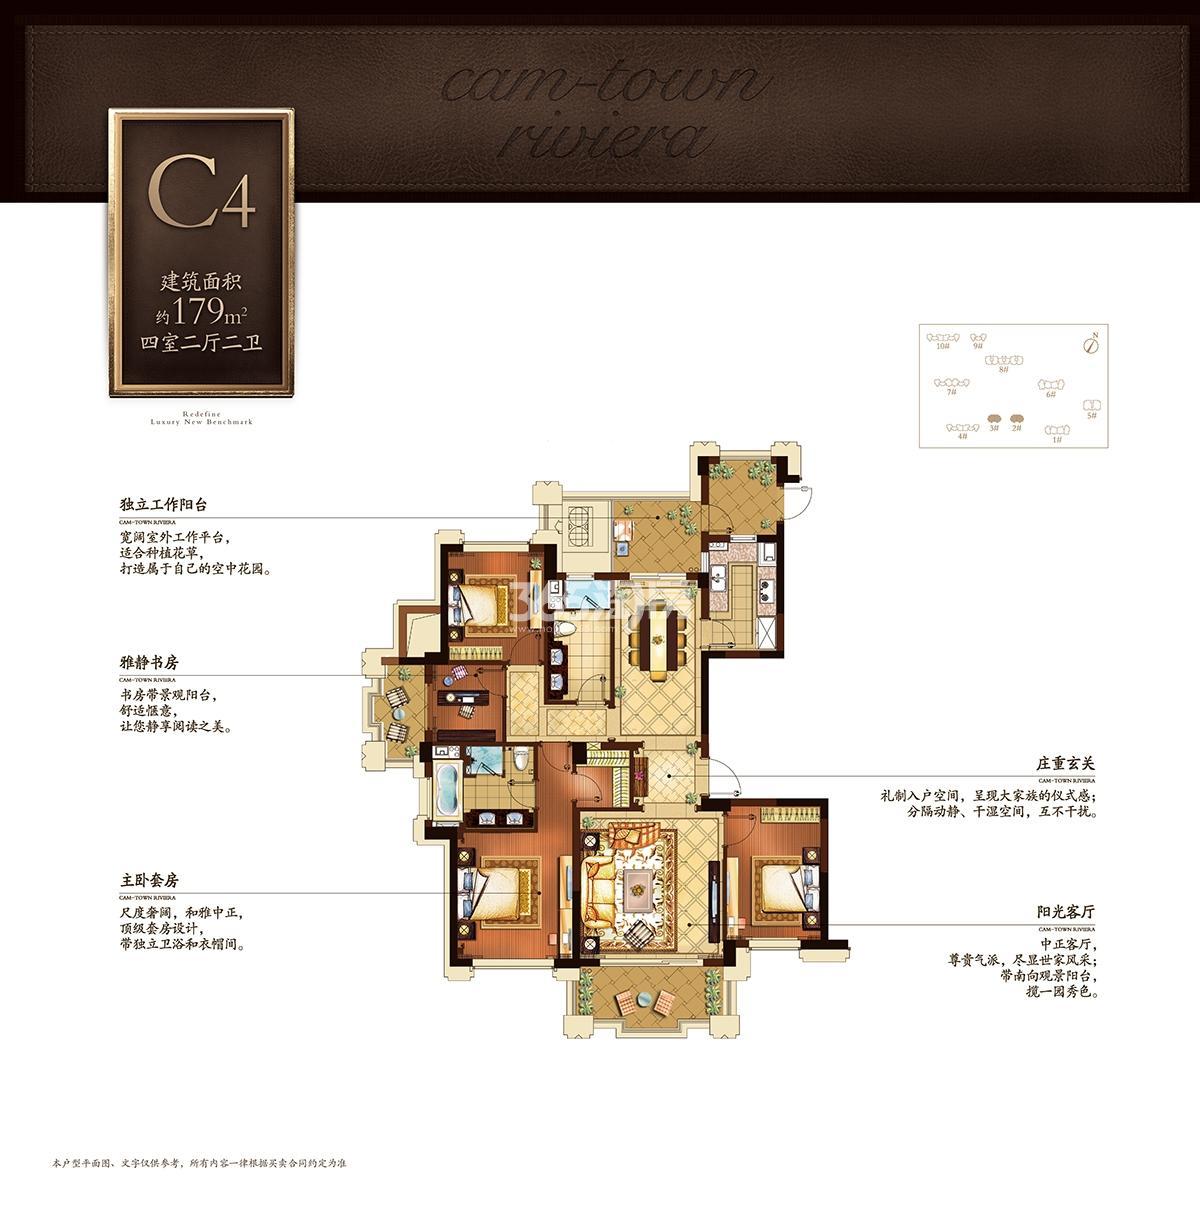 康城一品C4户型179方四室两厅两卫